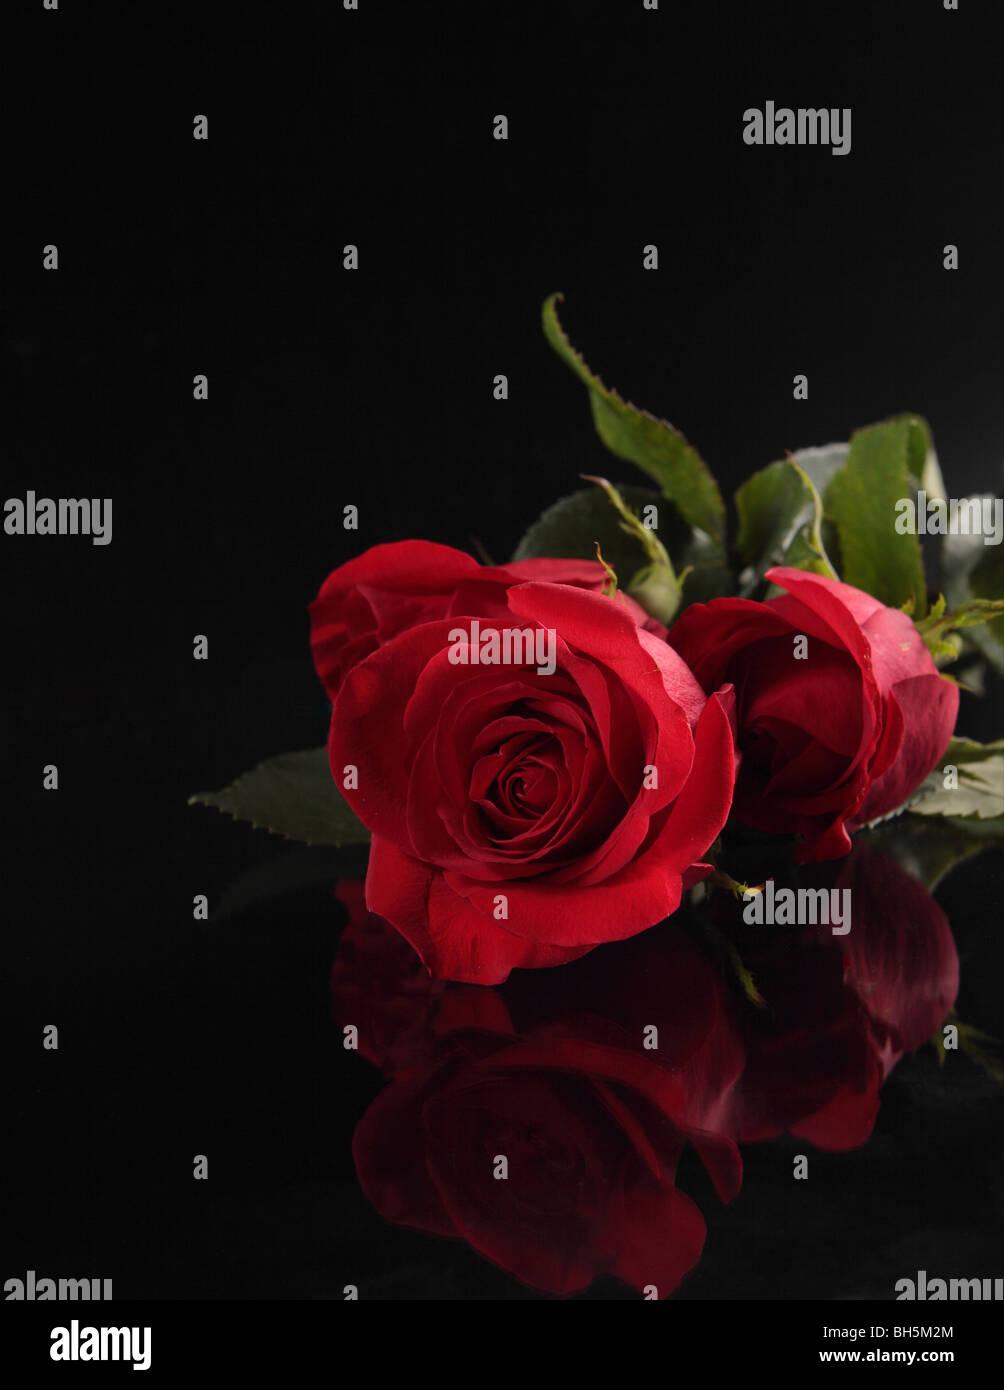 Roses rouges sur fond noir Photo Stock